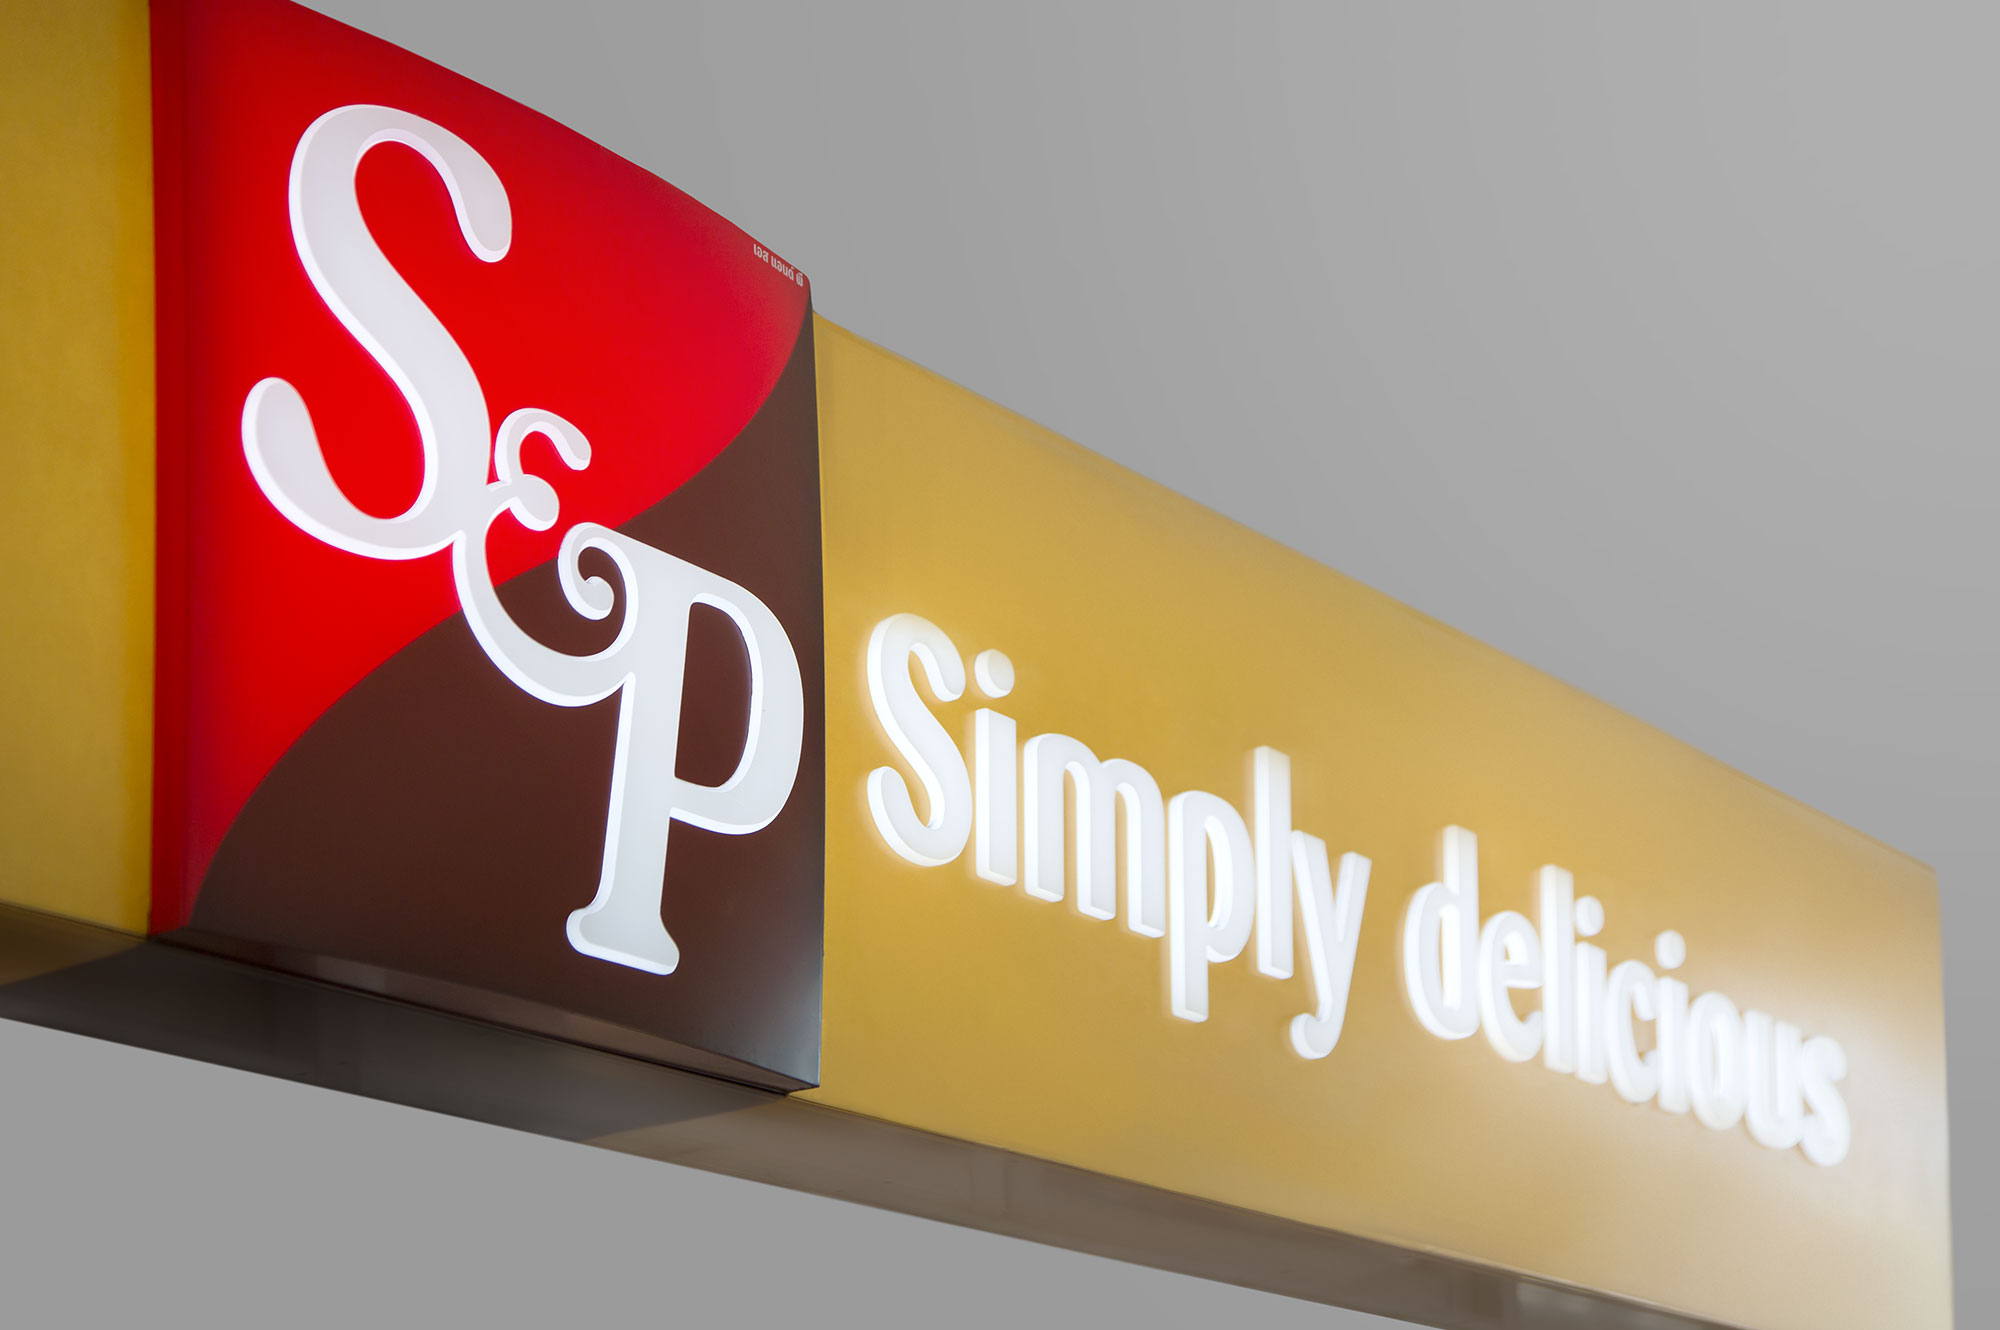 s and p signage design